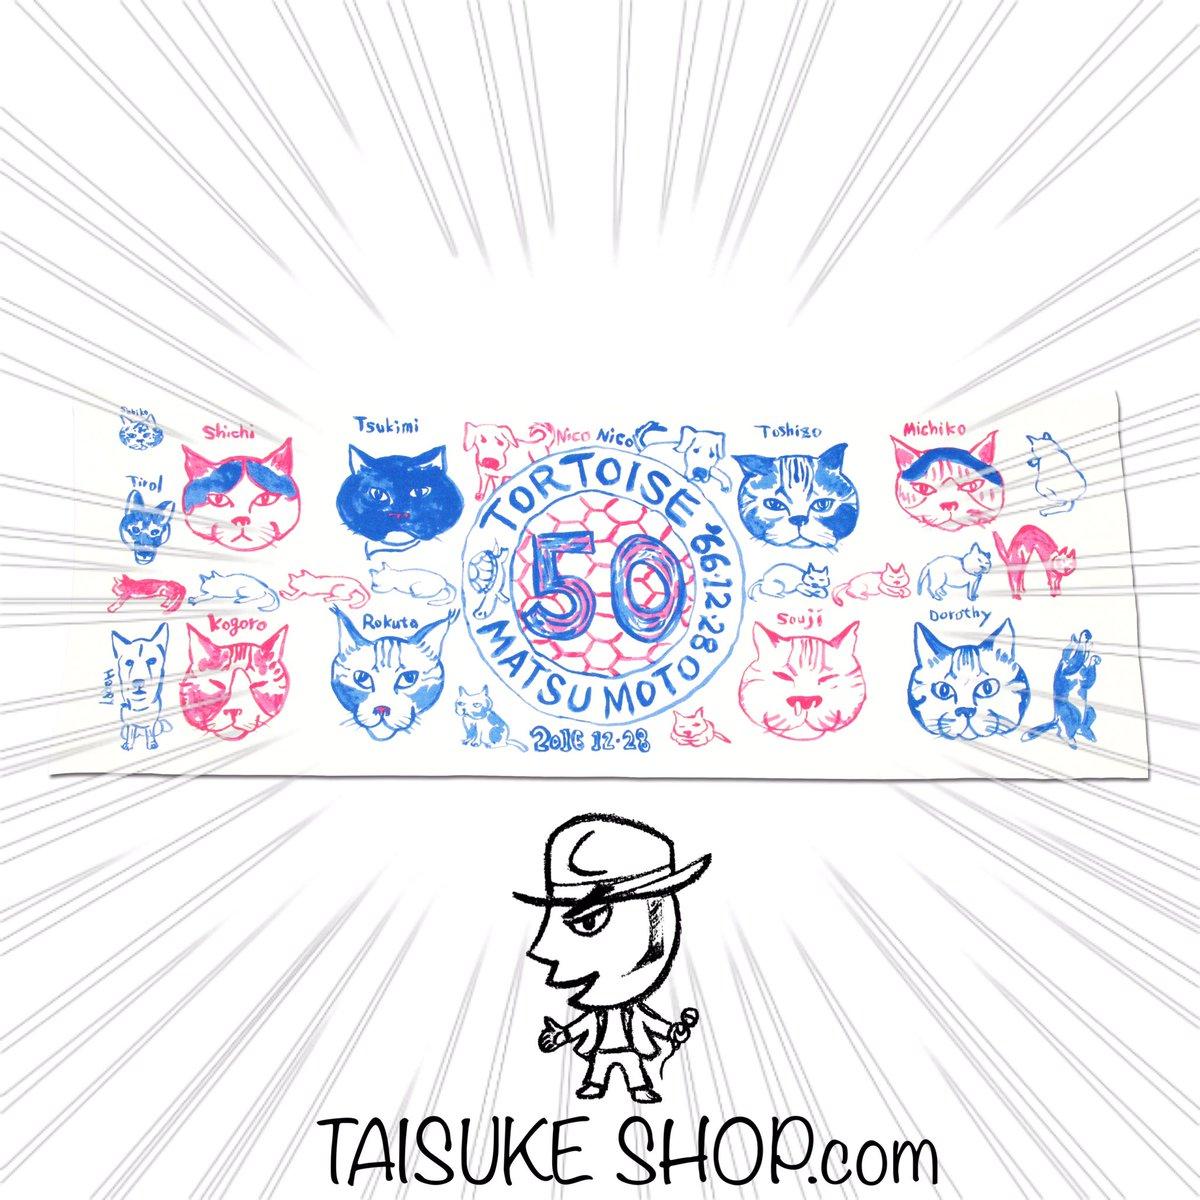 トータス松本㊗️生誕50周年記念㊗️てぬぐい販売開始致しました! https://t.co/cwr7vRKU8Q https://t.co/2GITprRLEn